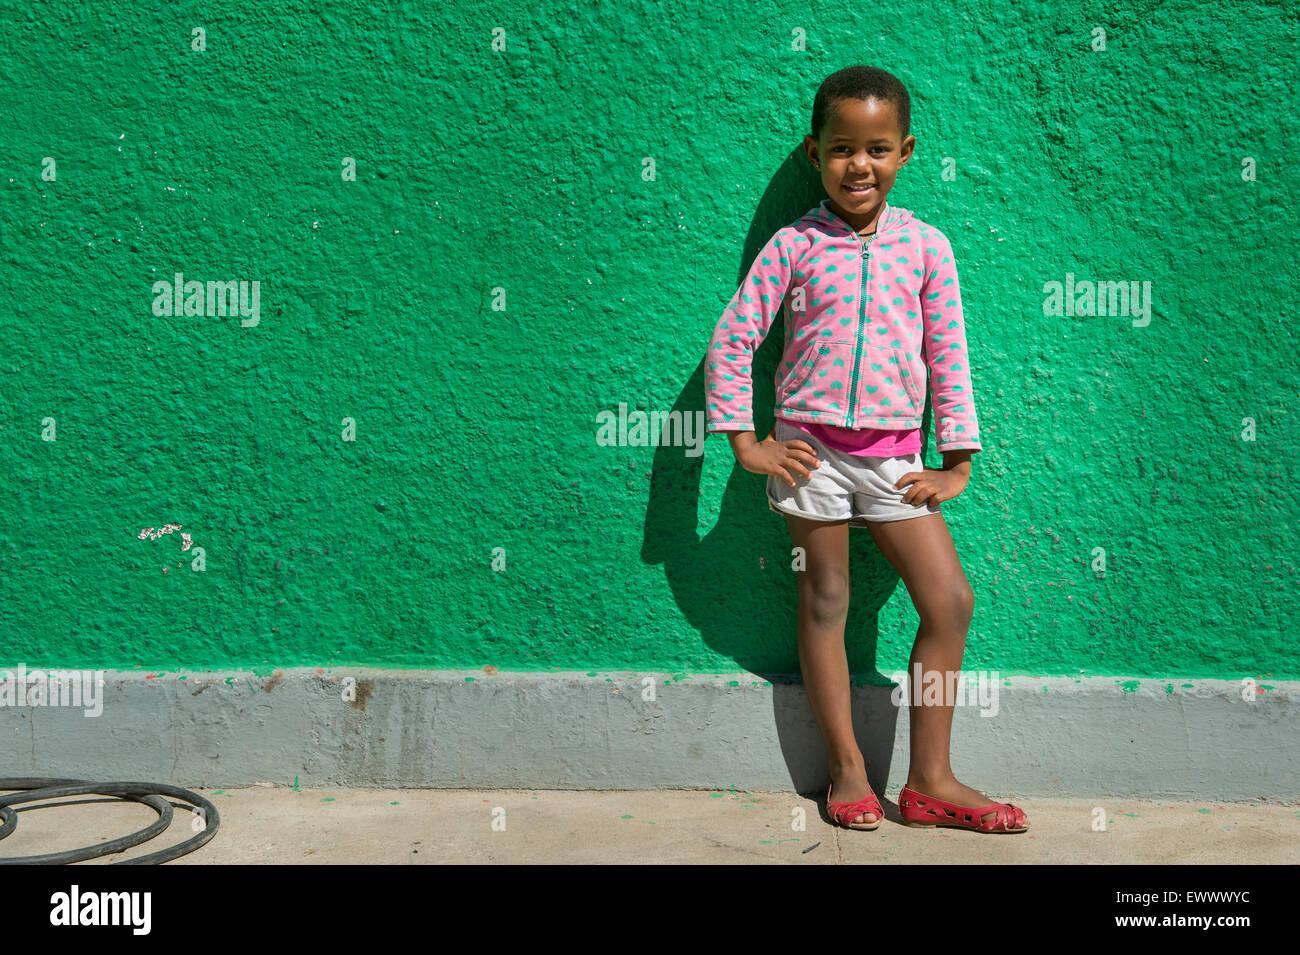 Namibia - junge afrikanische Mädchen steht vor hellen grünen Wand. Stockbild